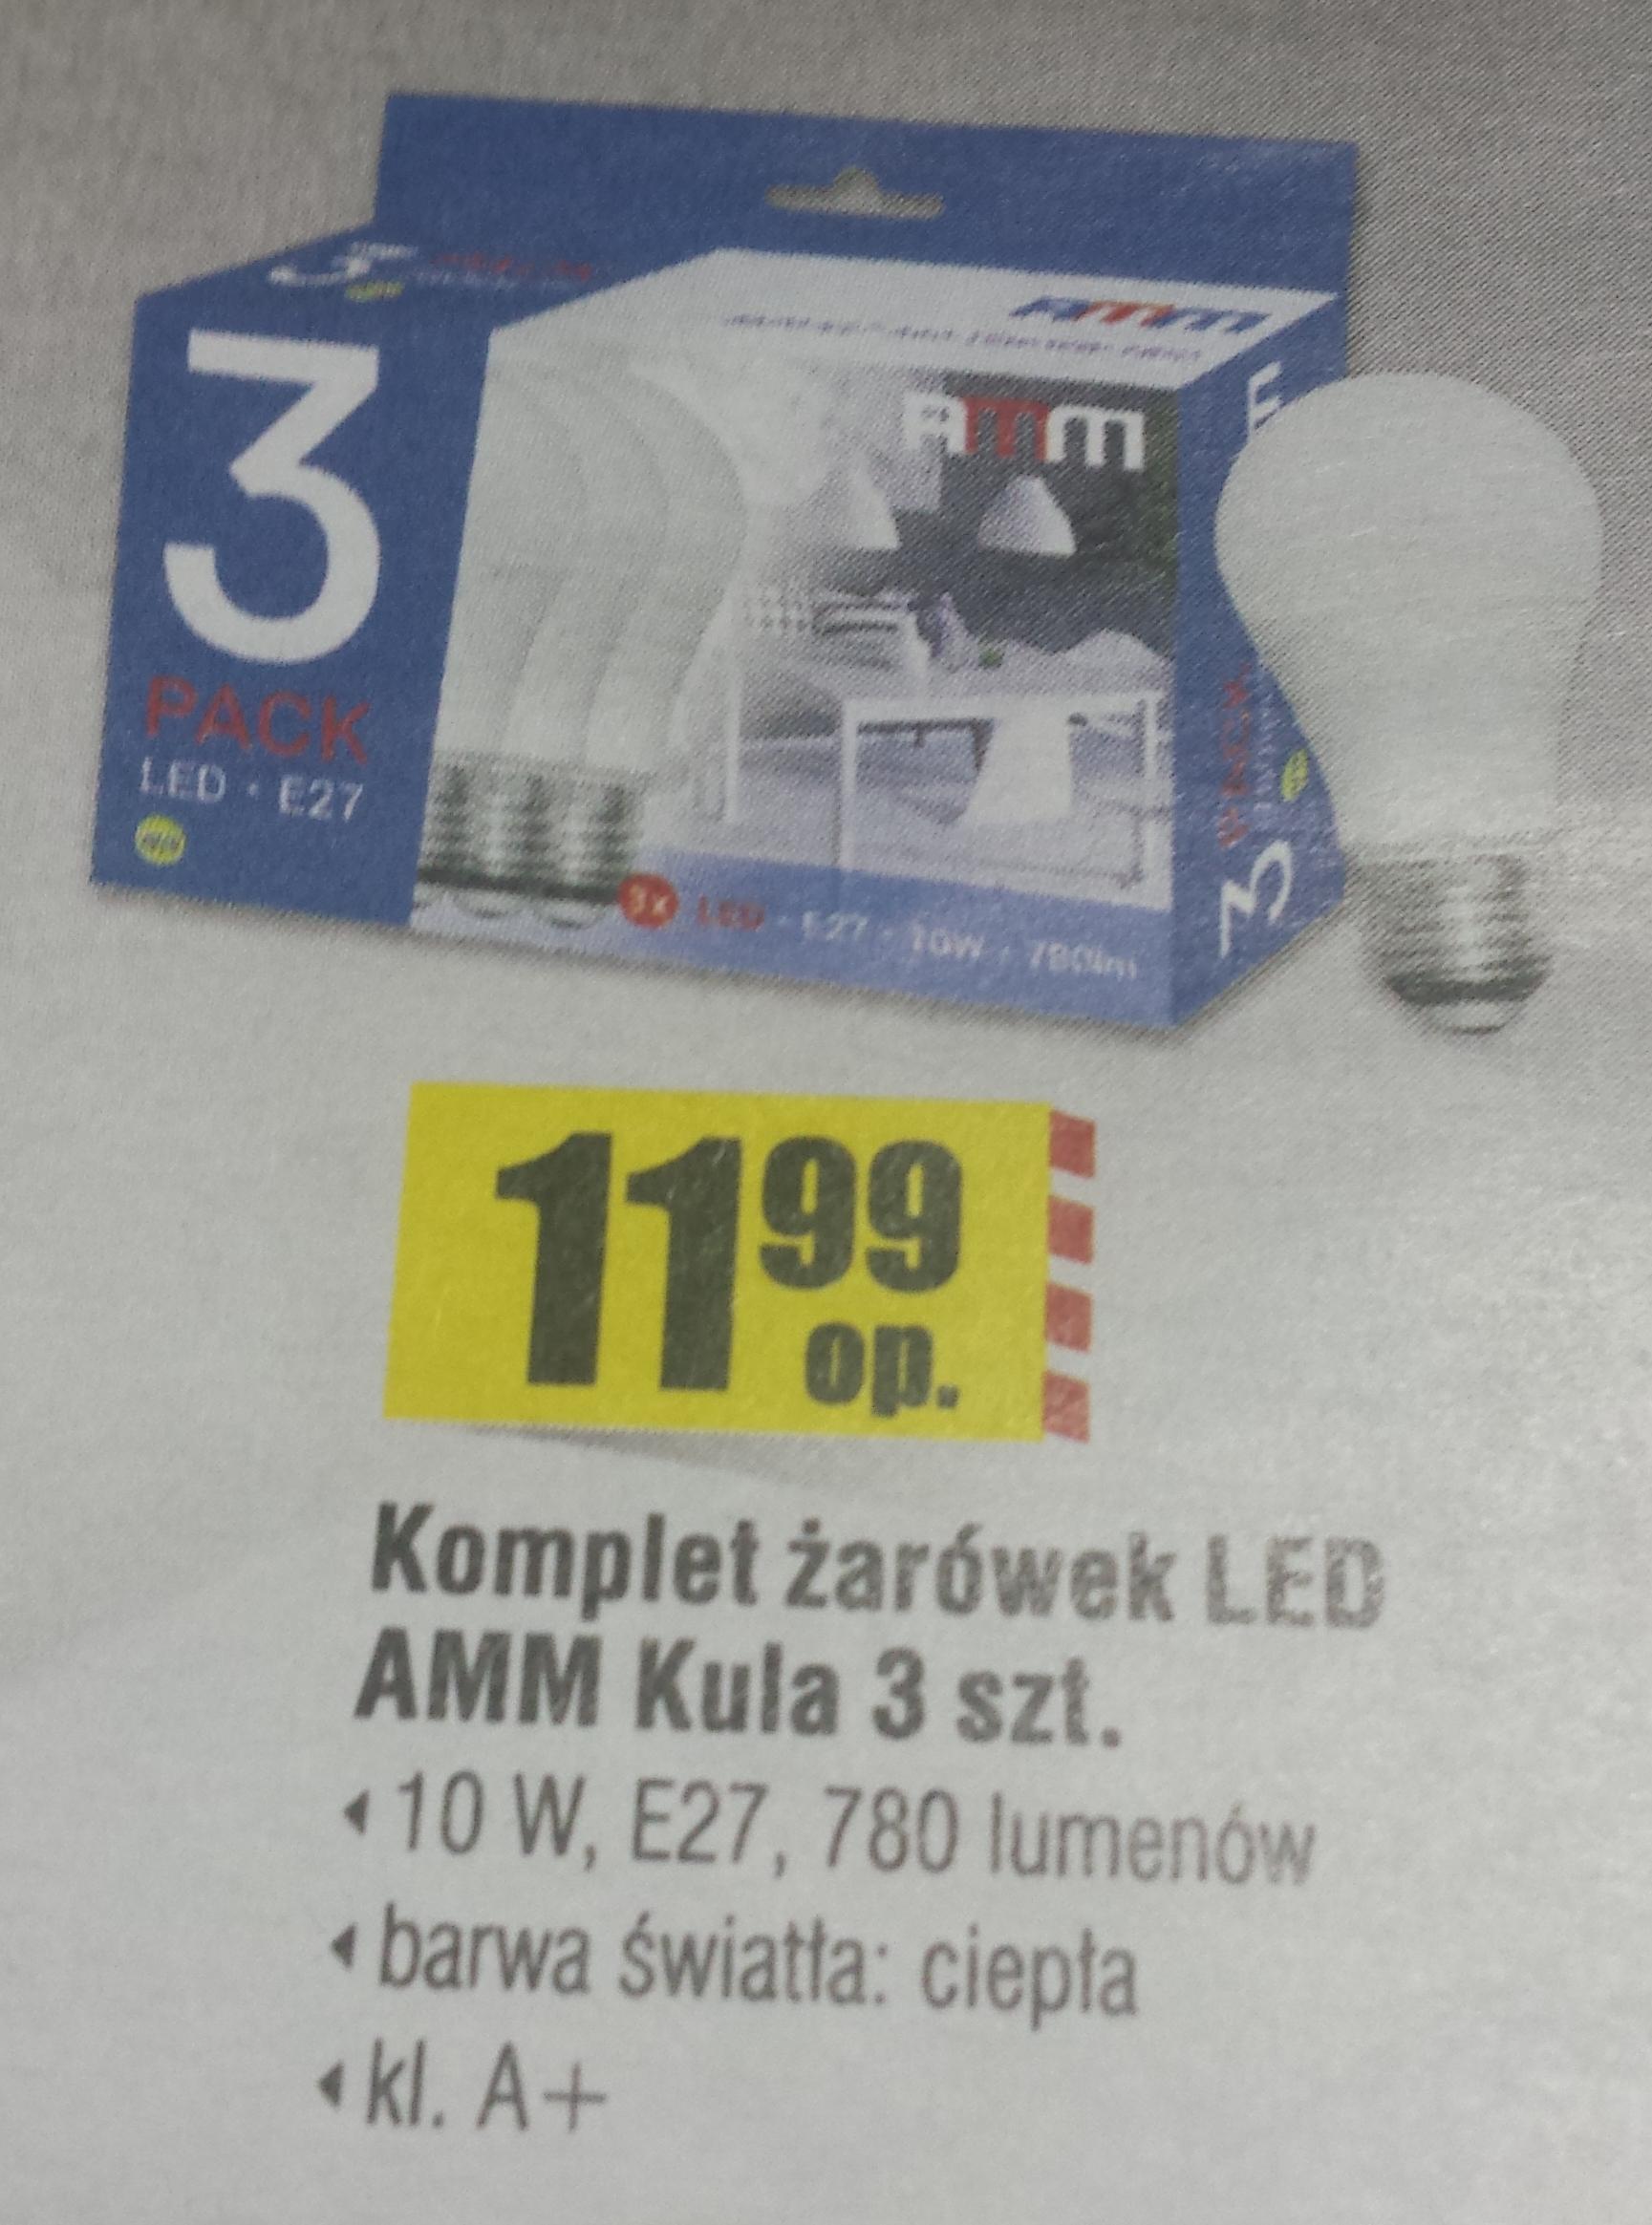 Komplet 3 szt. żarówek LED 10W Bricomarche